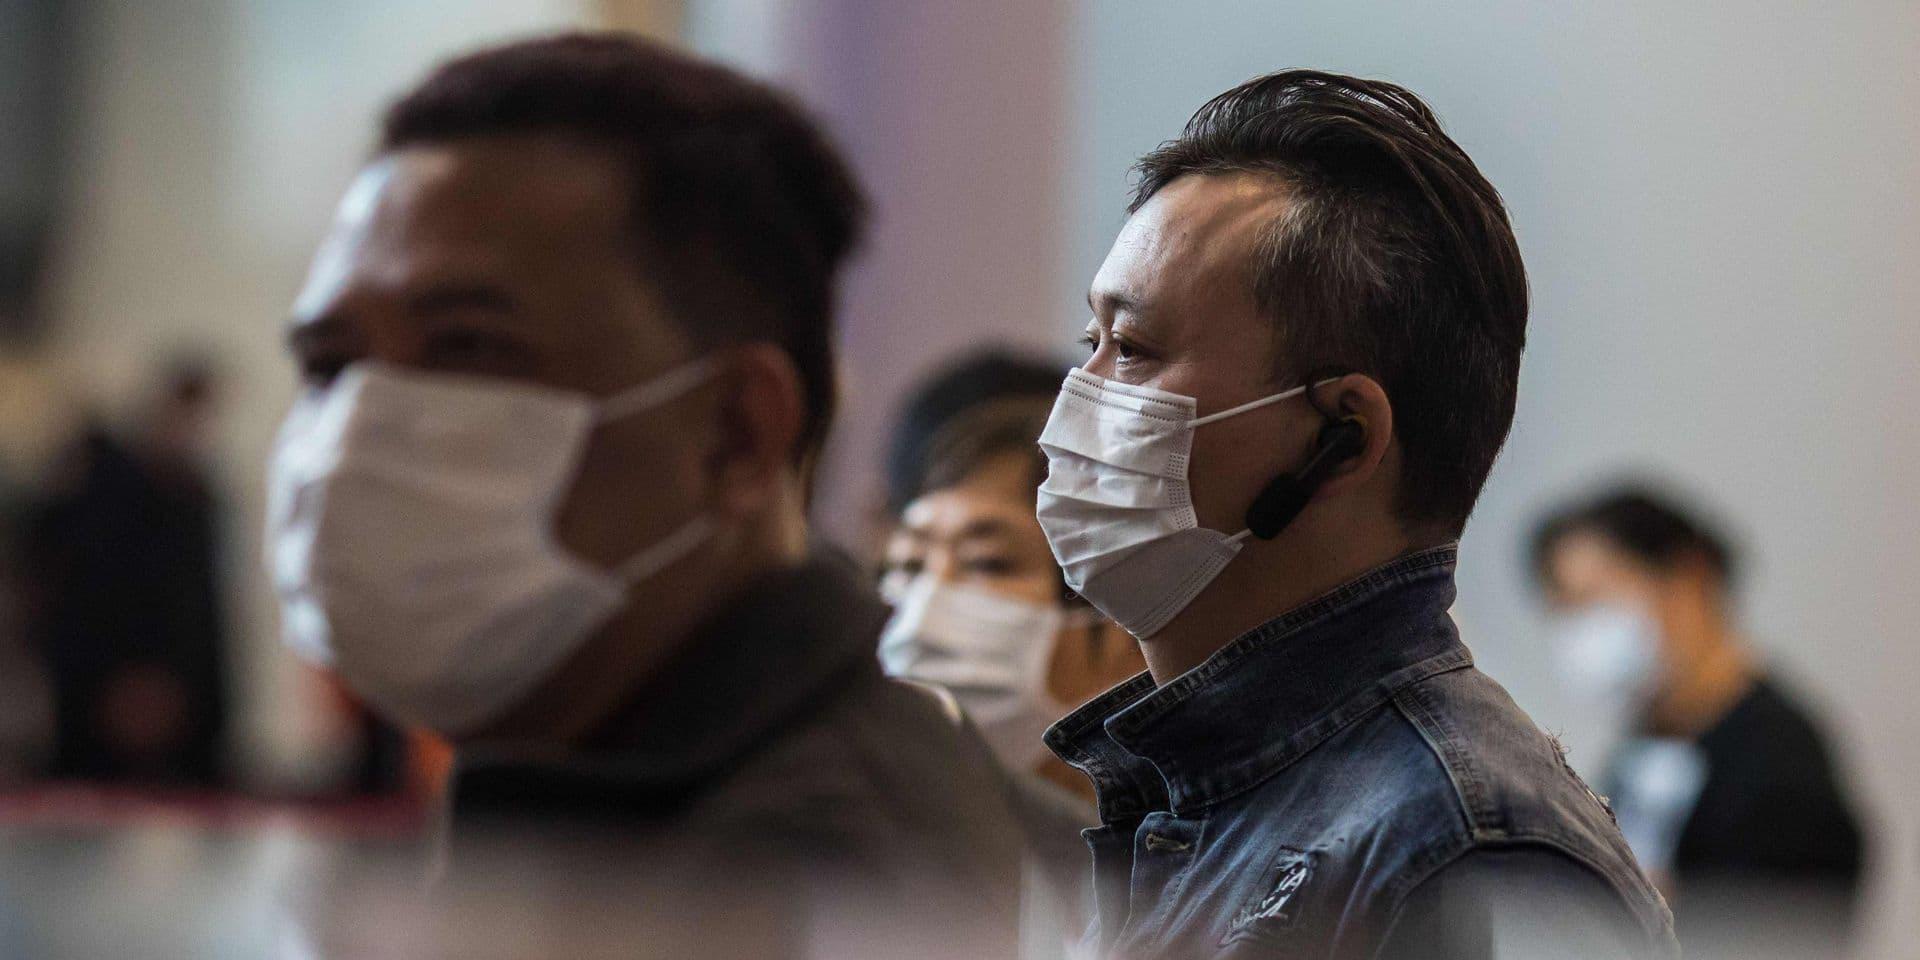 Nouveau virus en Chine: un premier cas présumé au Canada et un troisième cas aux Etats-Unis